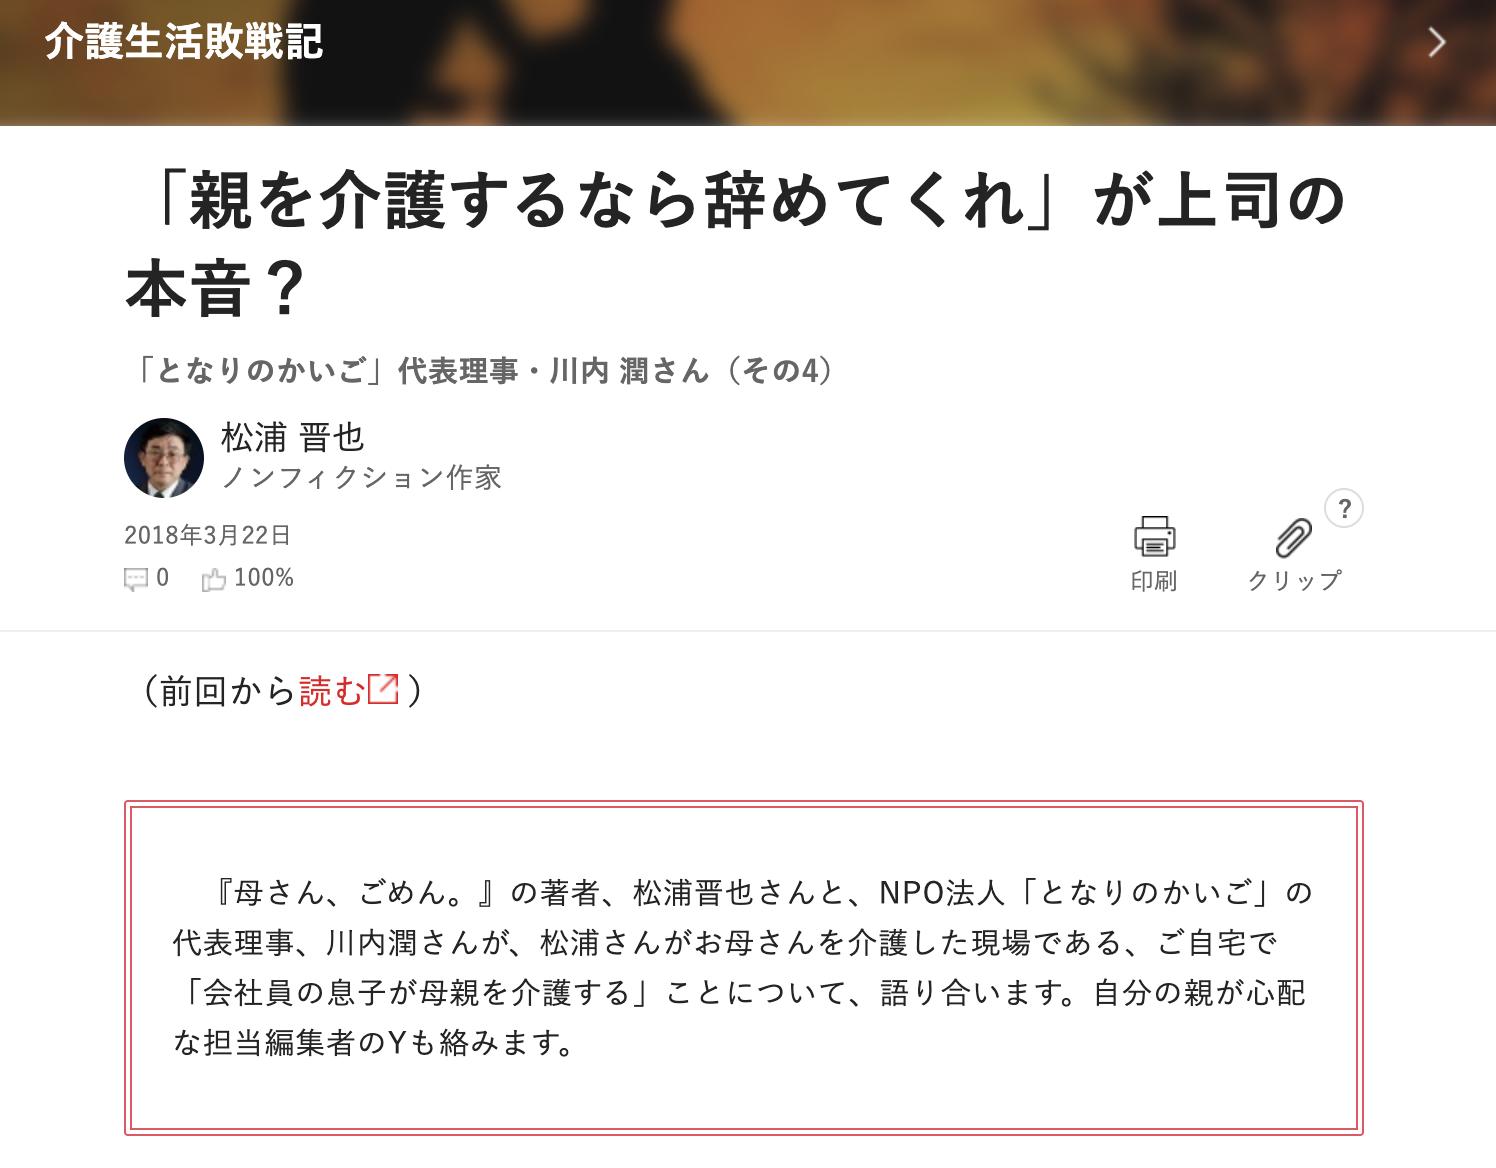 日経ビジネスオンライン『「親を介護するなら辞めてくれ」が上司の本音?』